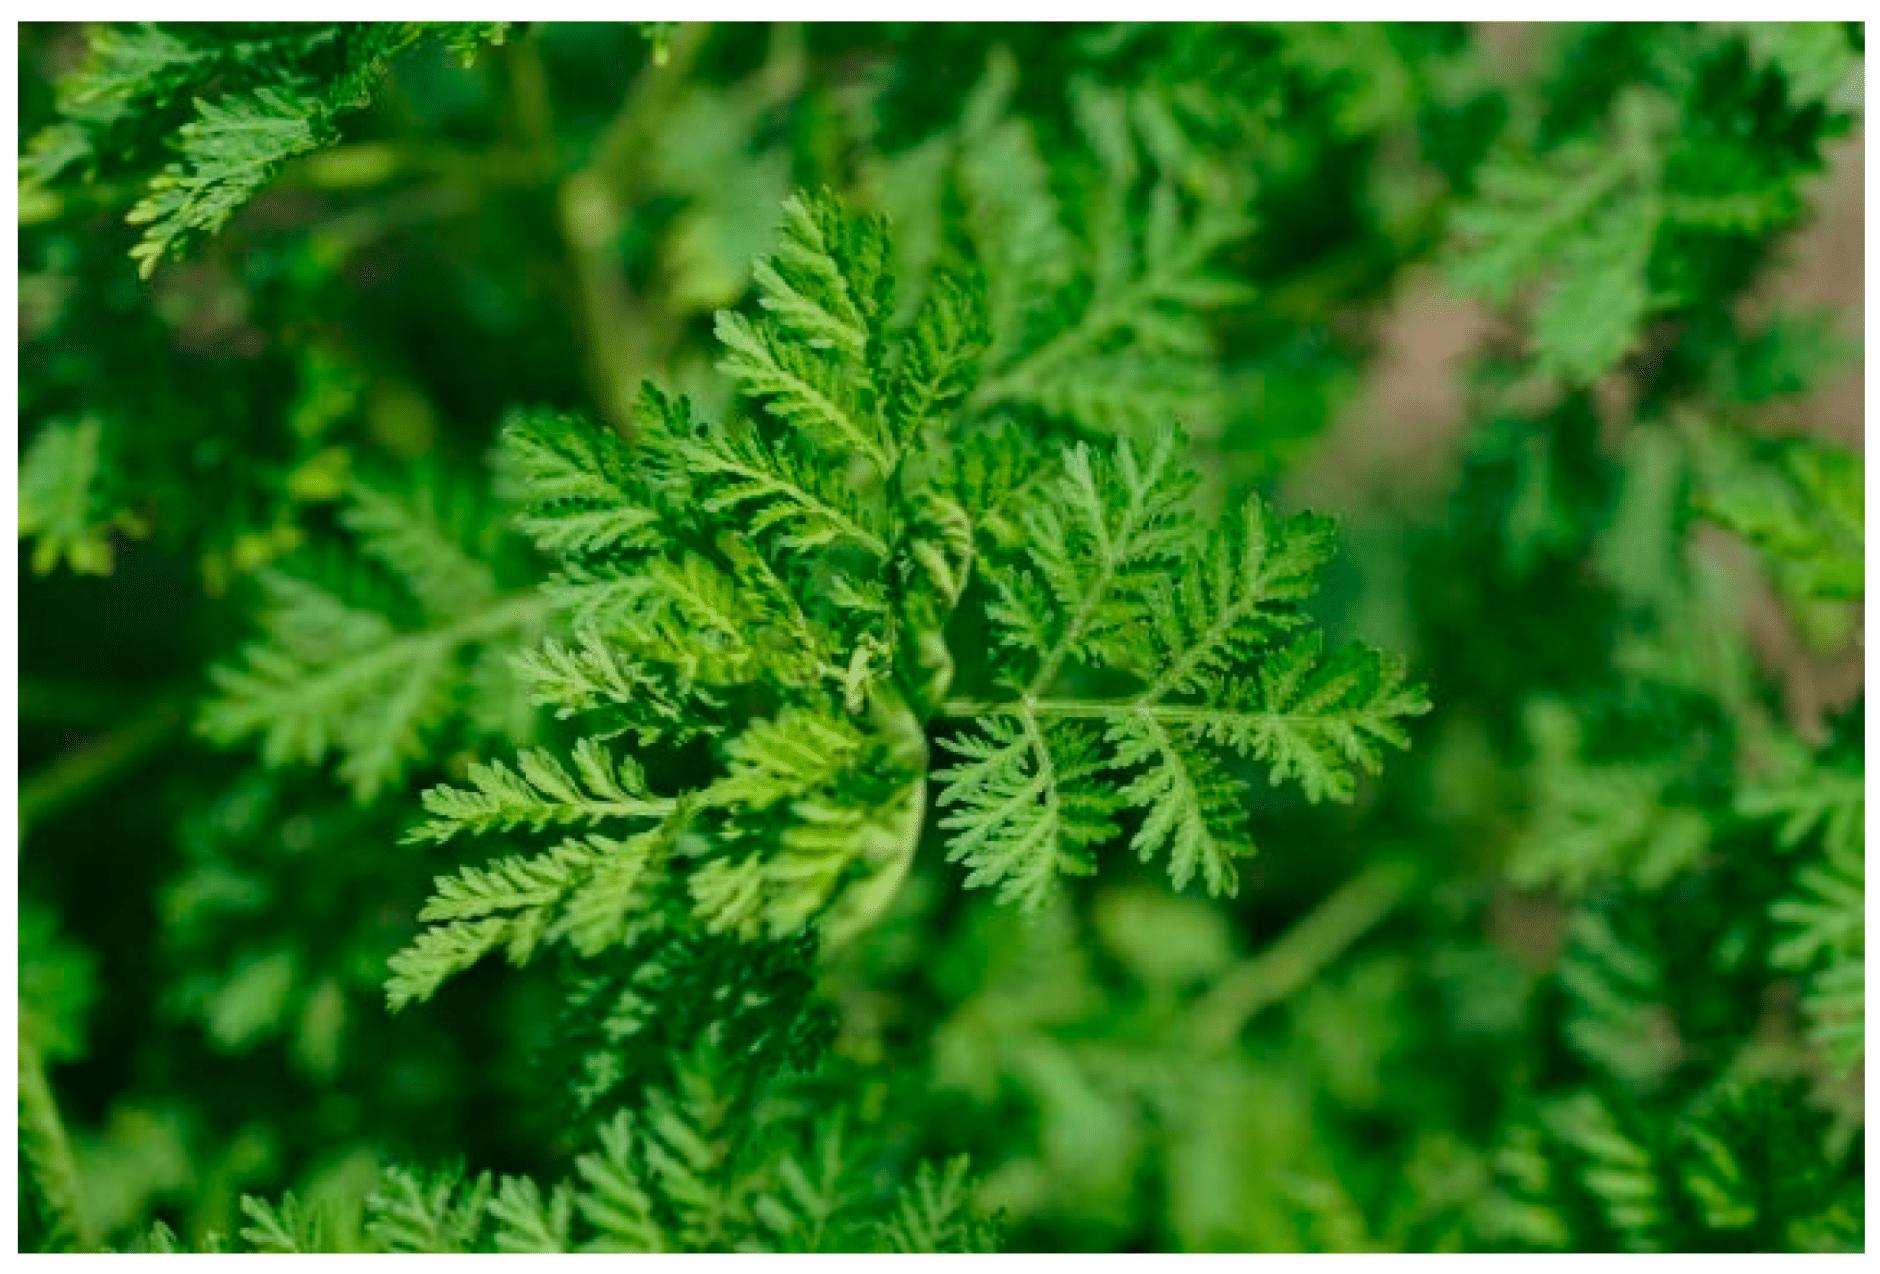 12 Beneficios de la Artemisa Annua, Qué es y para qué sirve